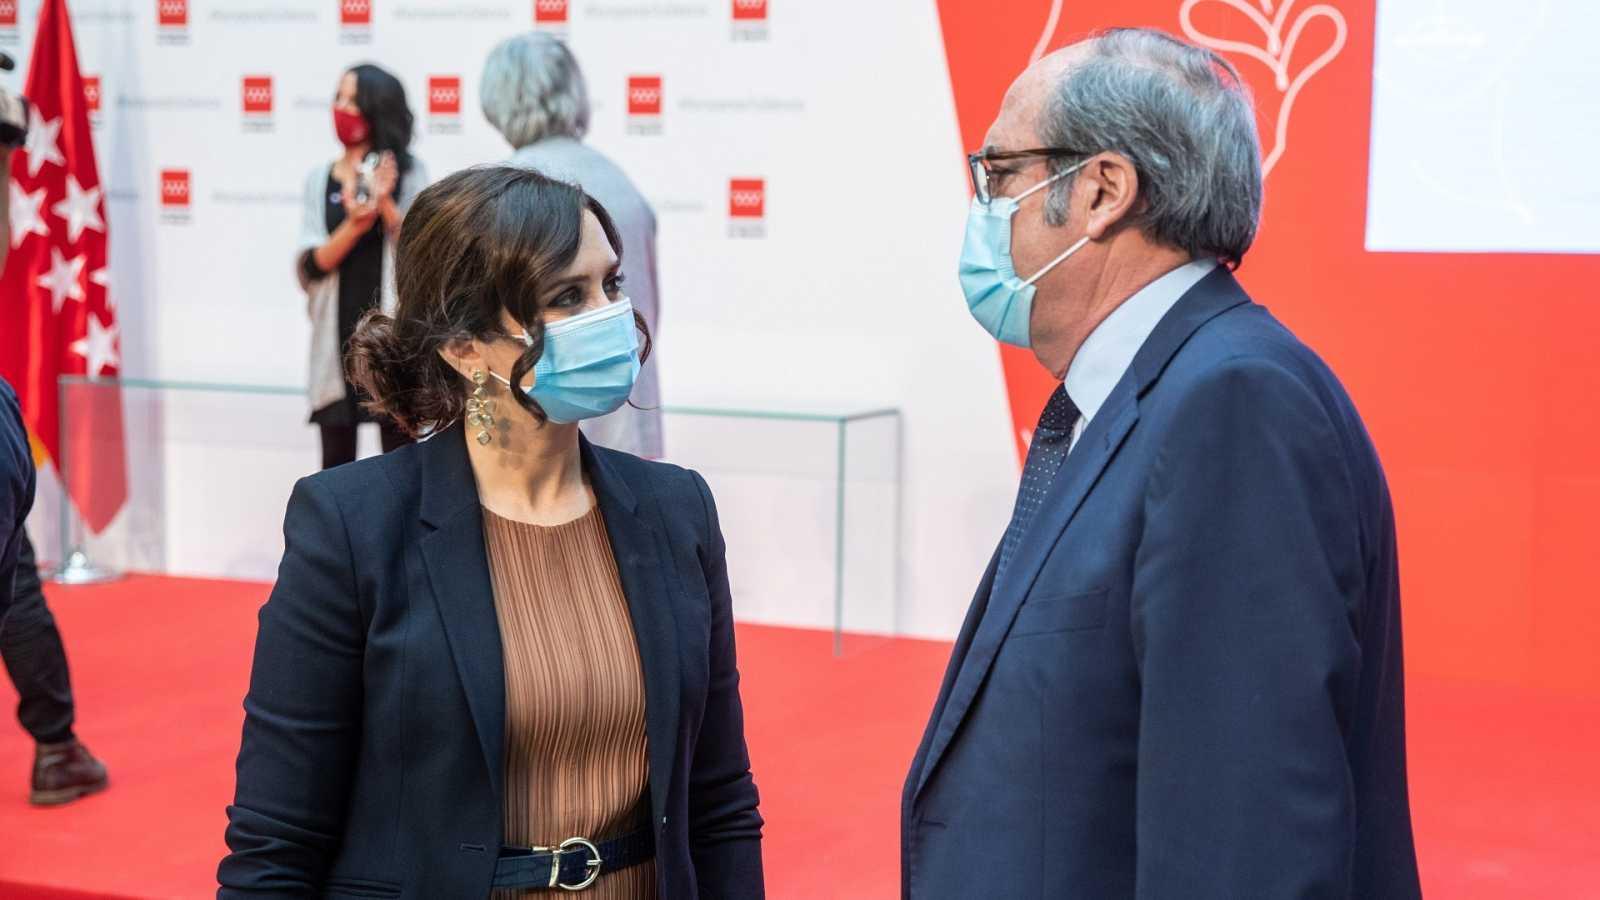 Isabel Díaz Ayuso y Ángel Gabilondo volverán a competir por la Presidencia de la Comunidad de Madrid.